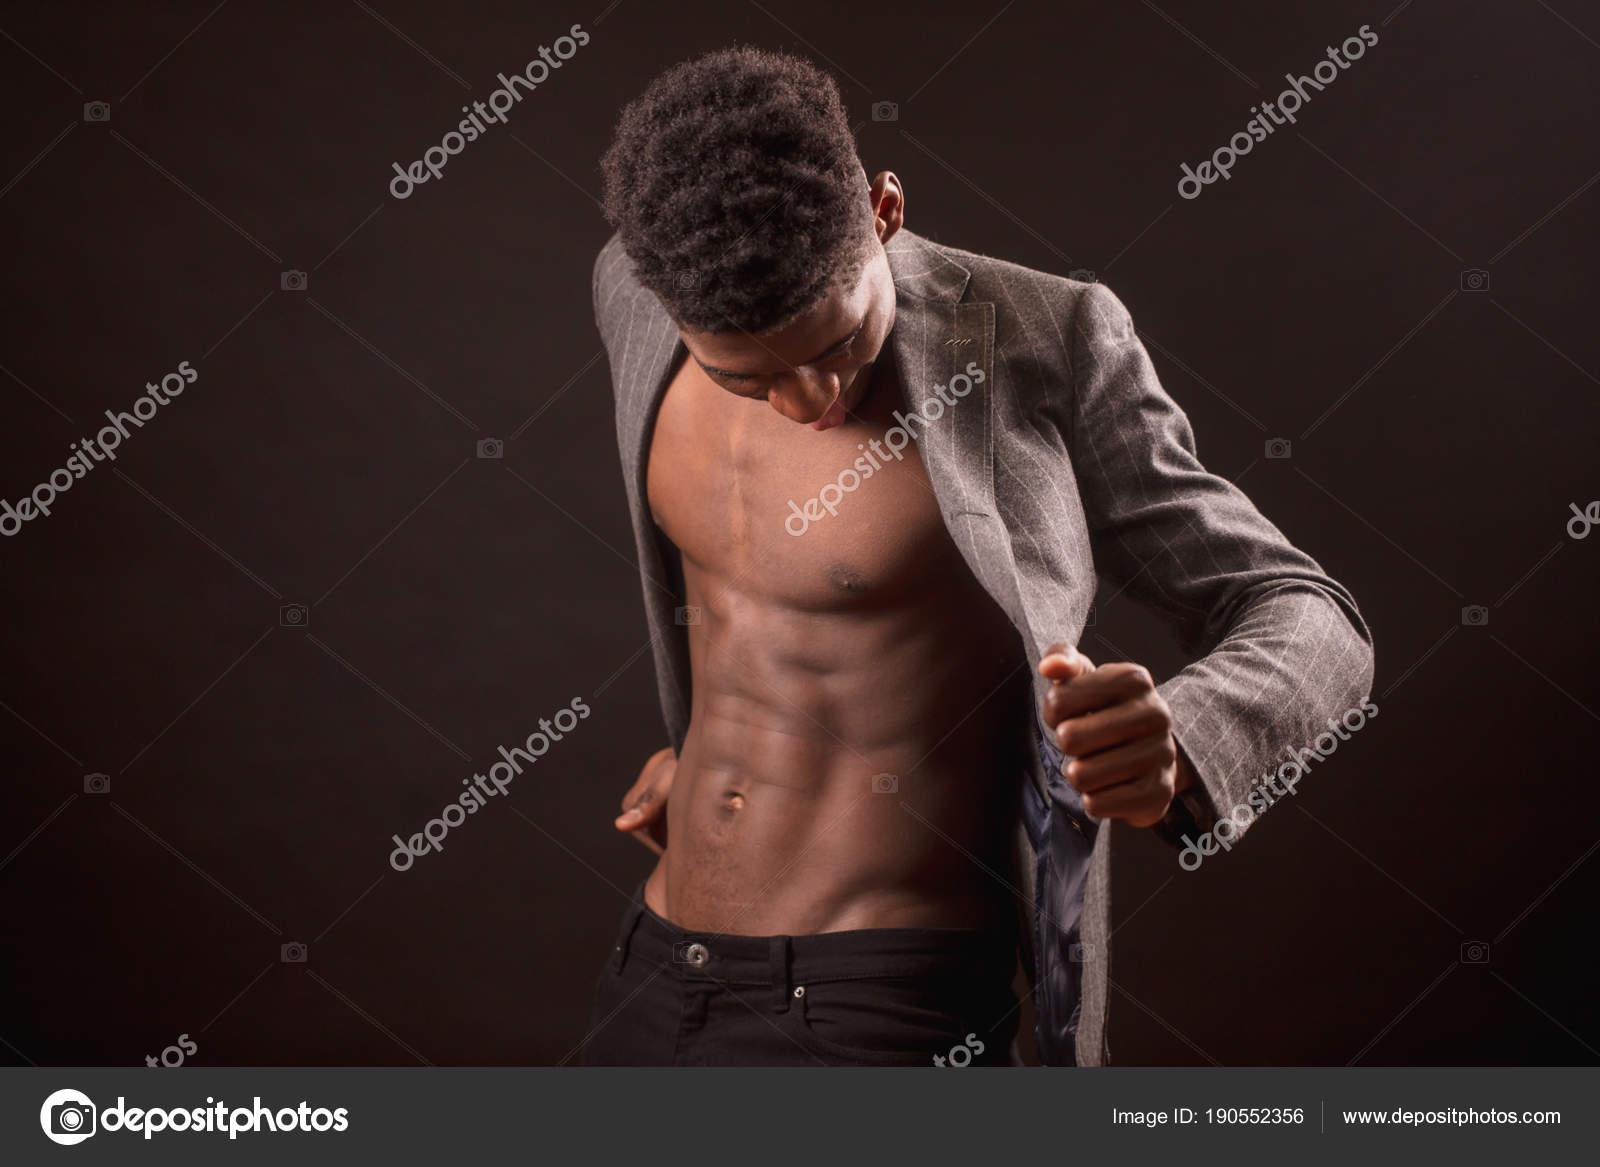 Μαύροι γυμνές εικόνες